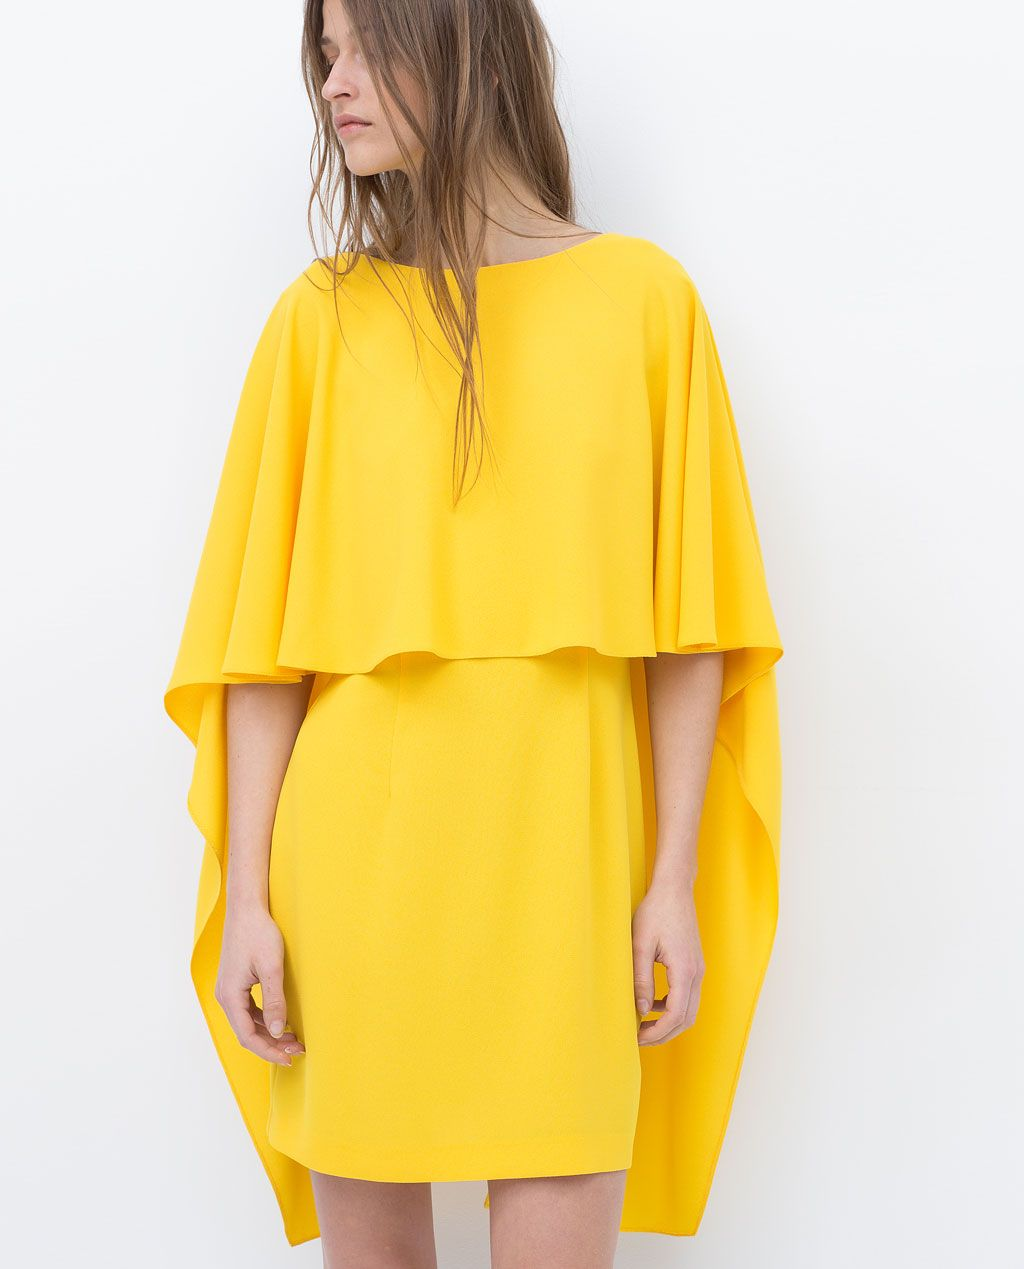 Verão 2015: o amarelo é o novo preto!